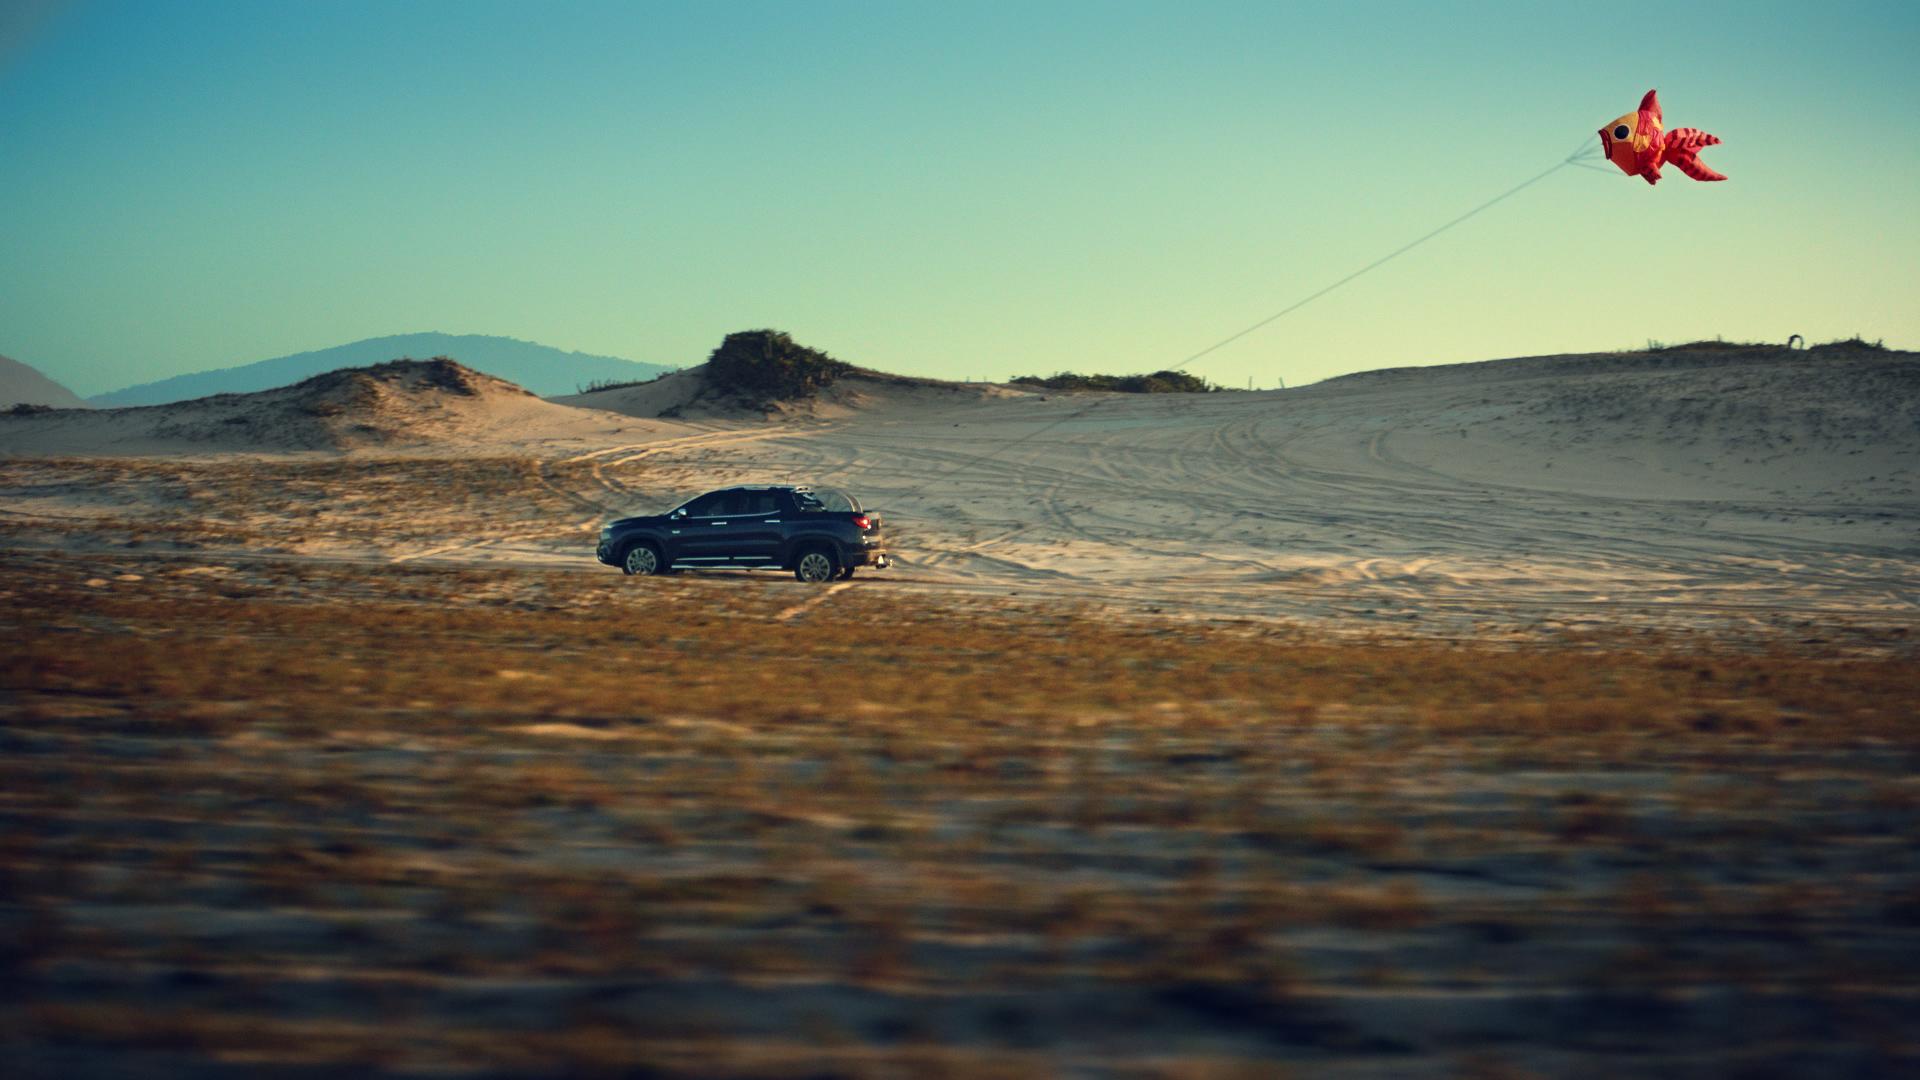 Fiat usa linguagem poética para promover picape Toro 2020   : : CidadeMarketing : :